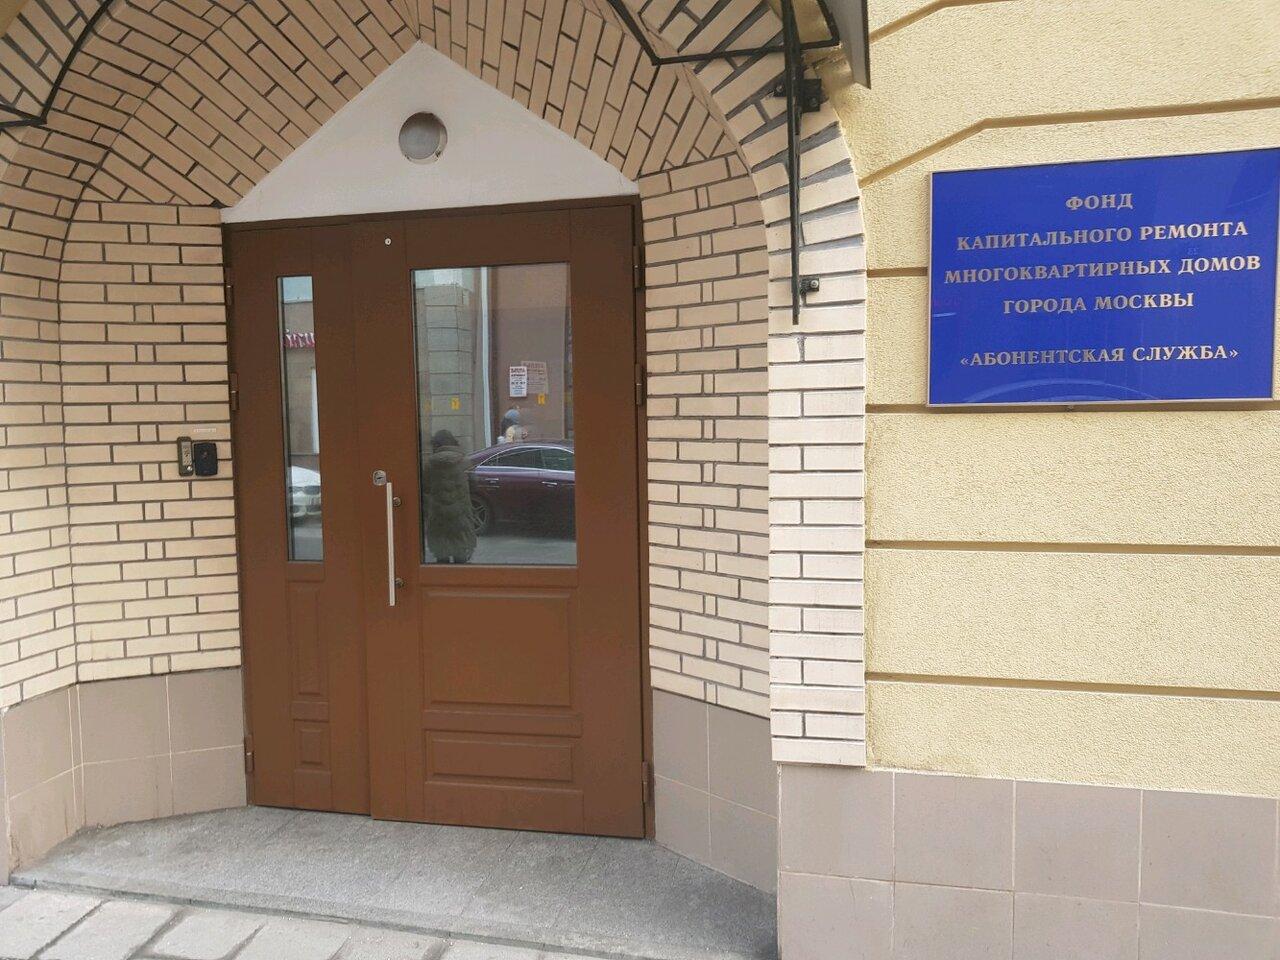 предыдущей статье, москва фонд капитального ремонта рестораны